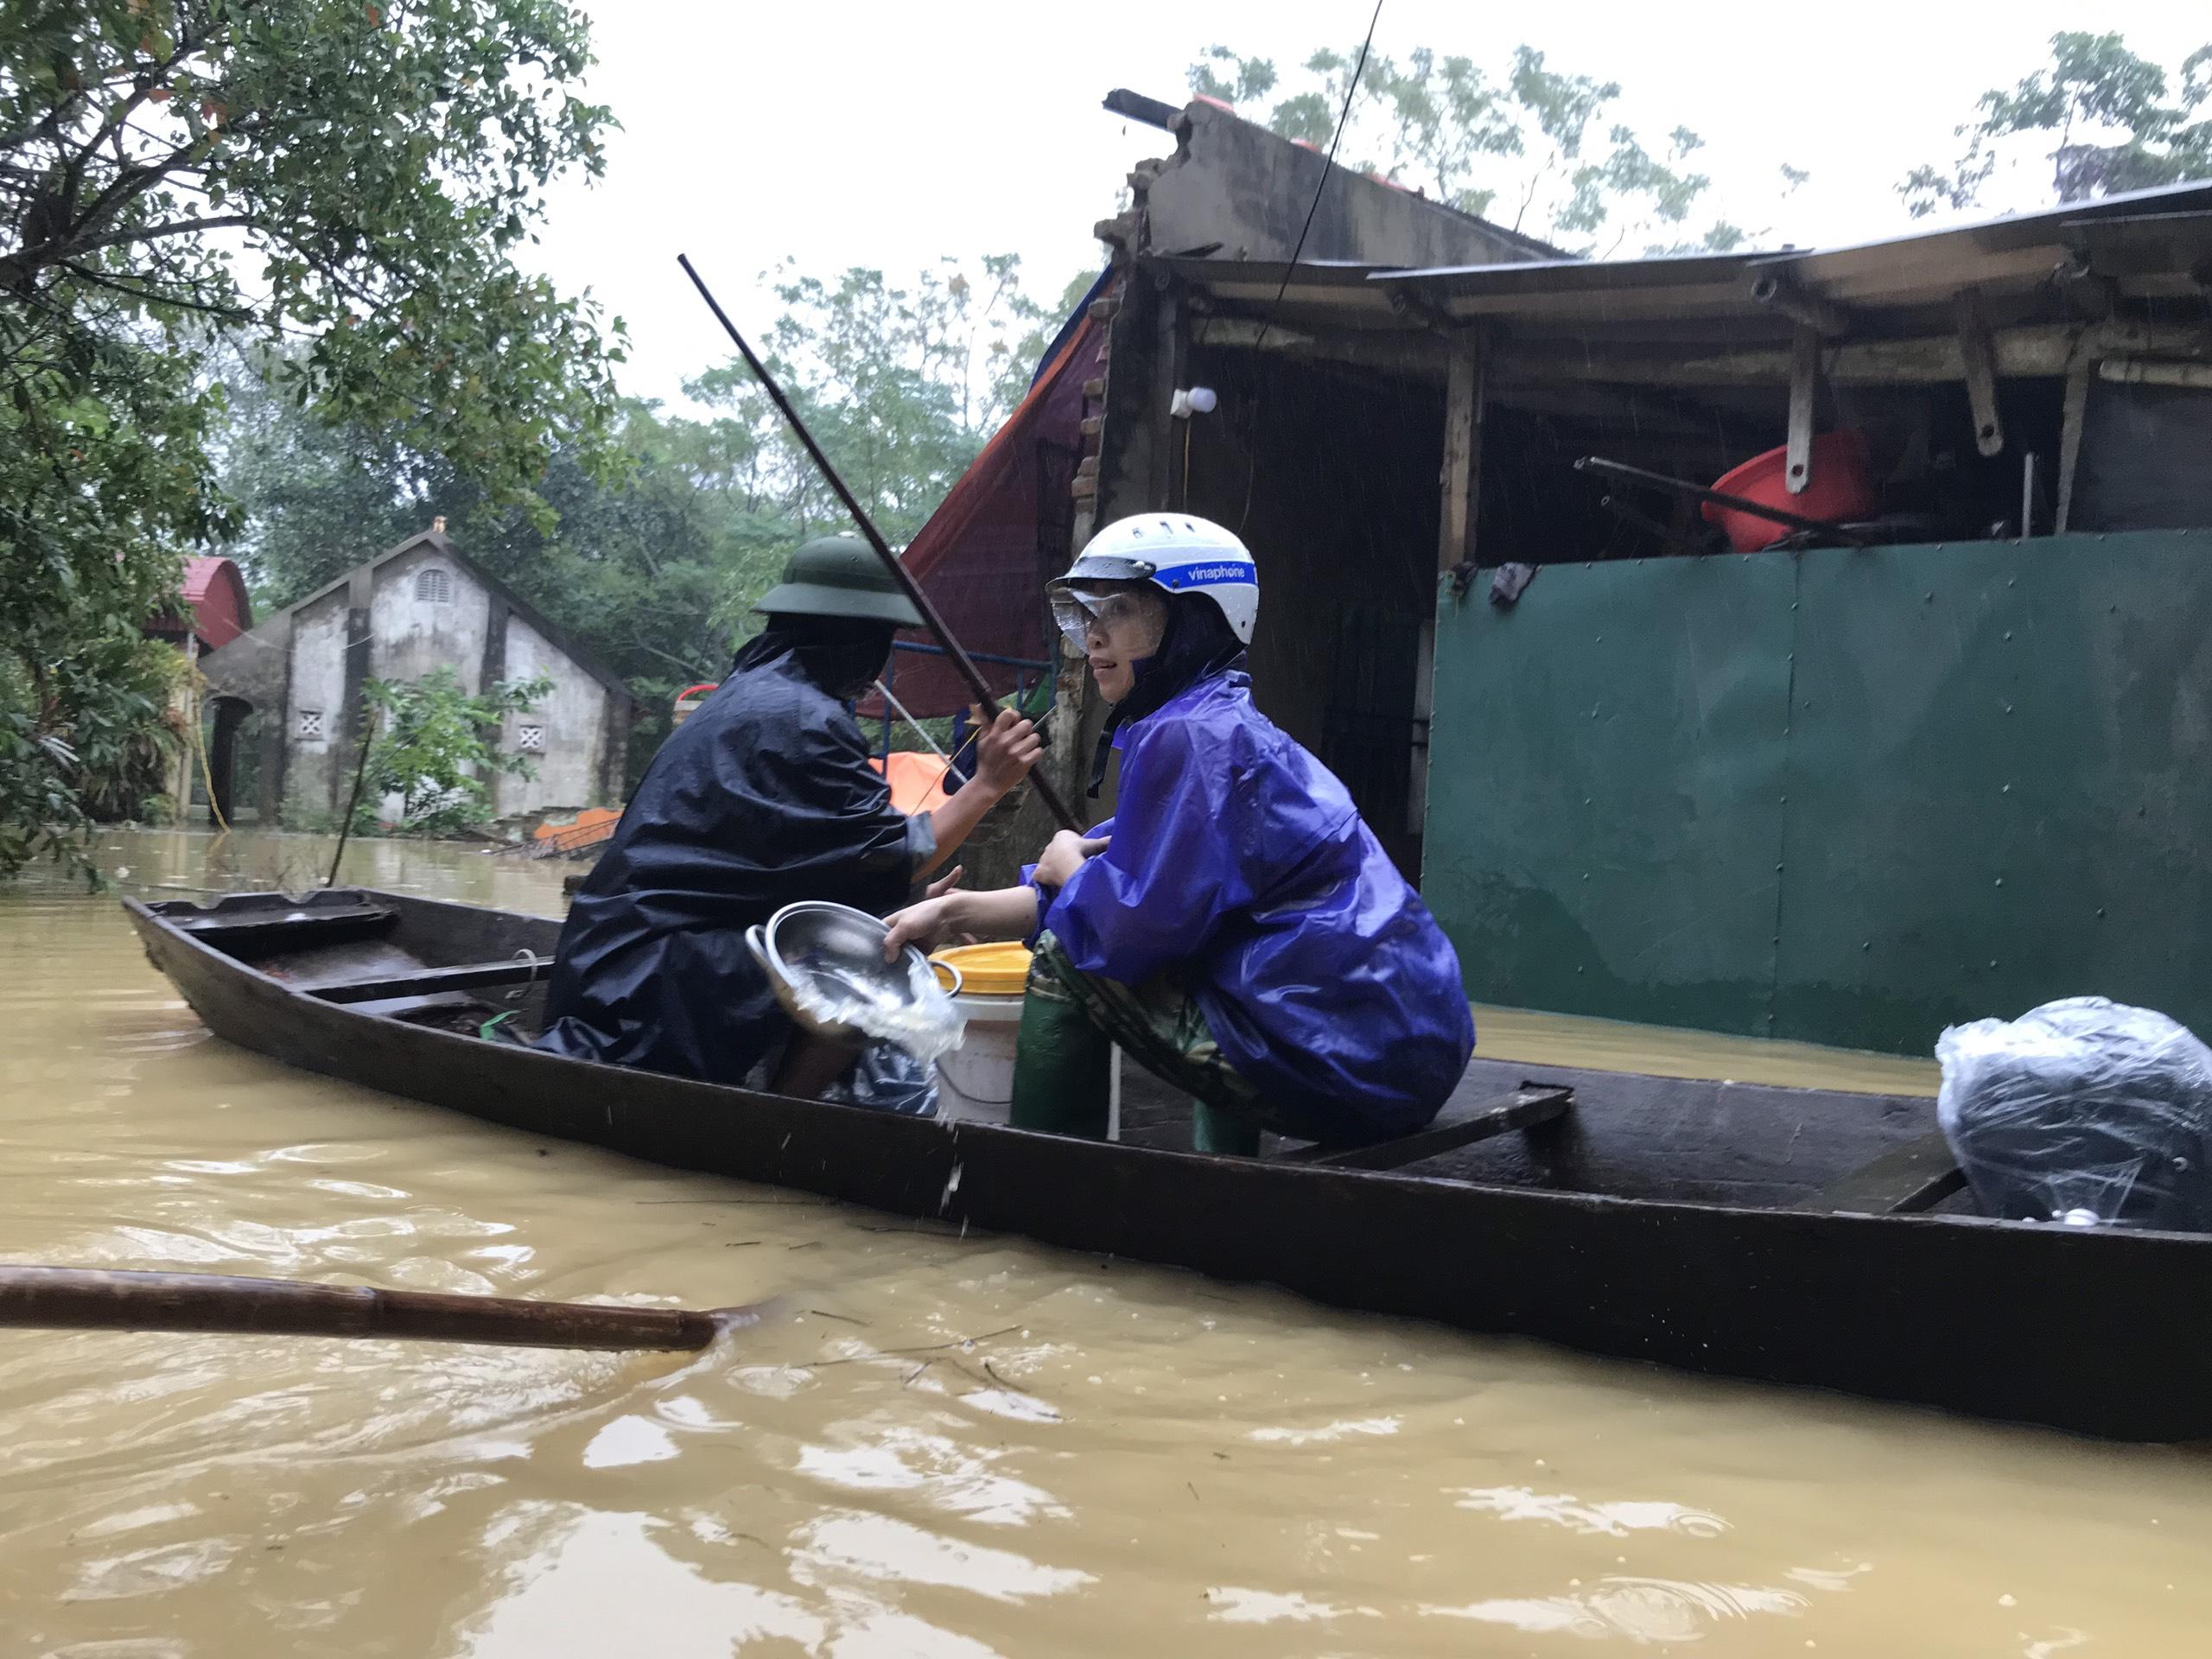 Nghệ An: Người dân ven sông phải lên đê dựng lều cho trâu bò trú ẩn - Ảnh 4.